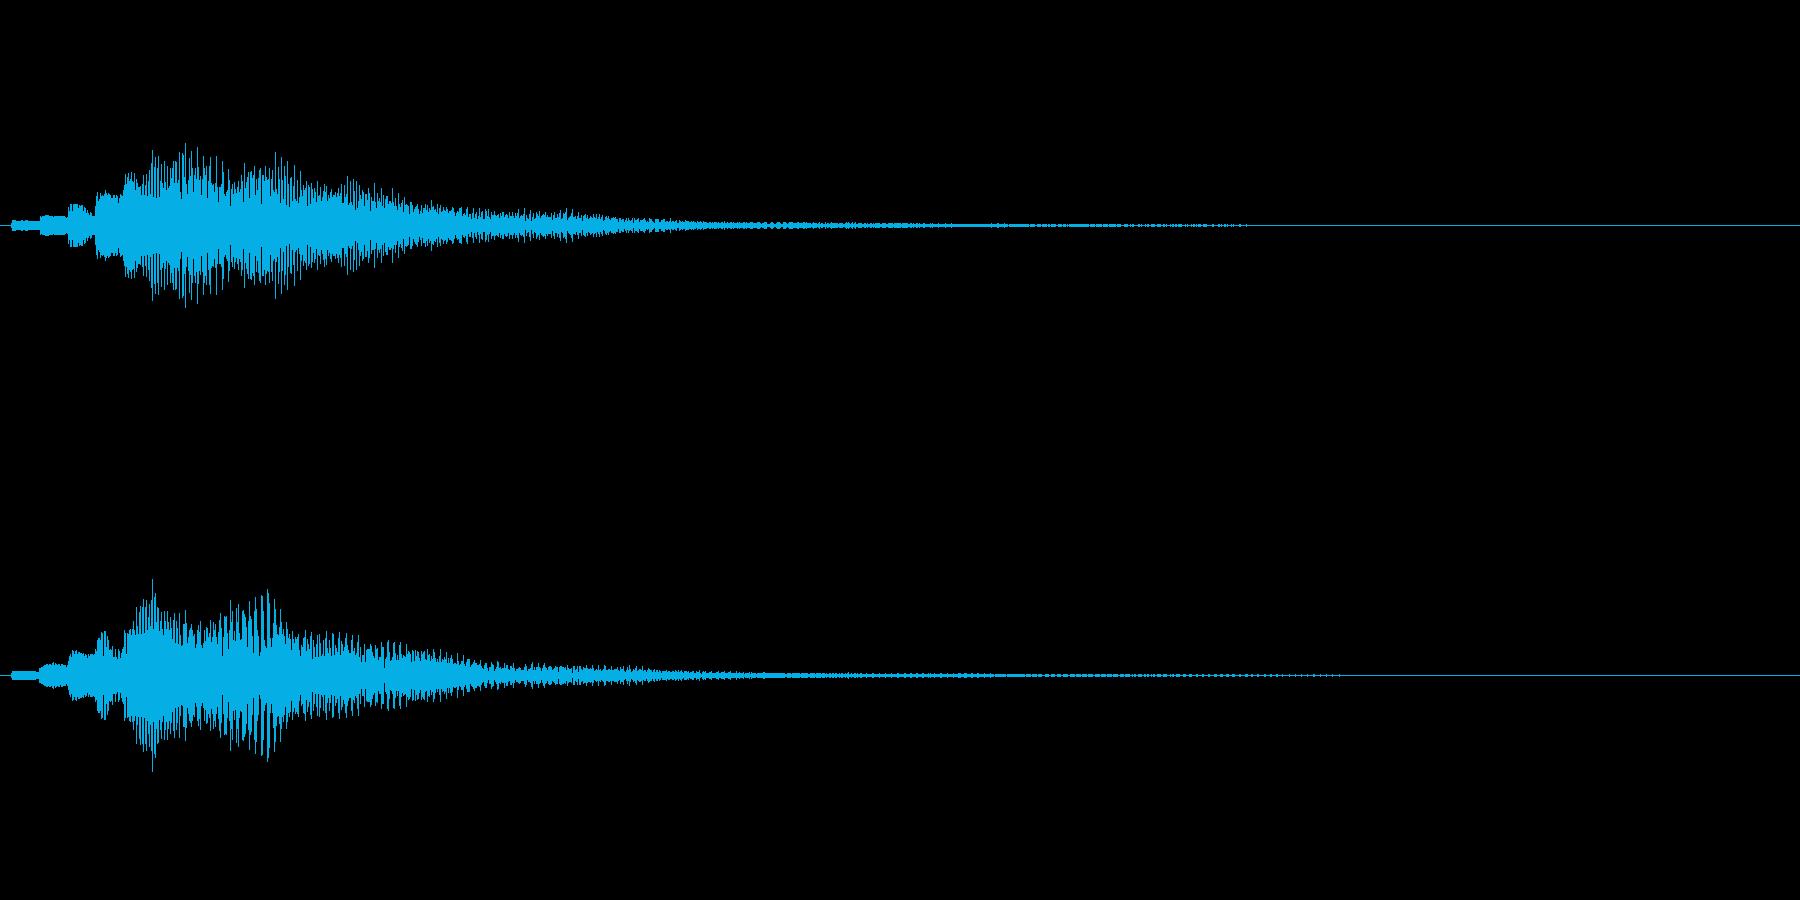 【ショートブリッジ07-2】の再生済みの波形